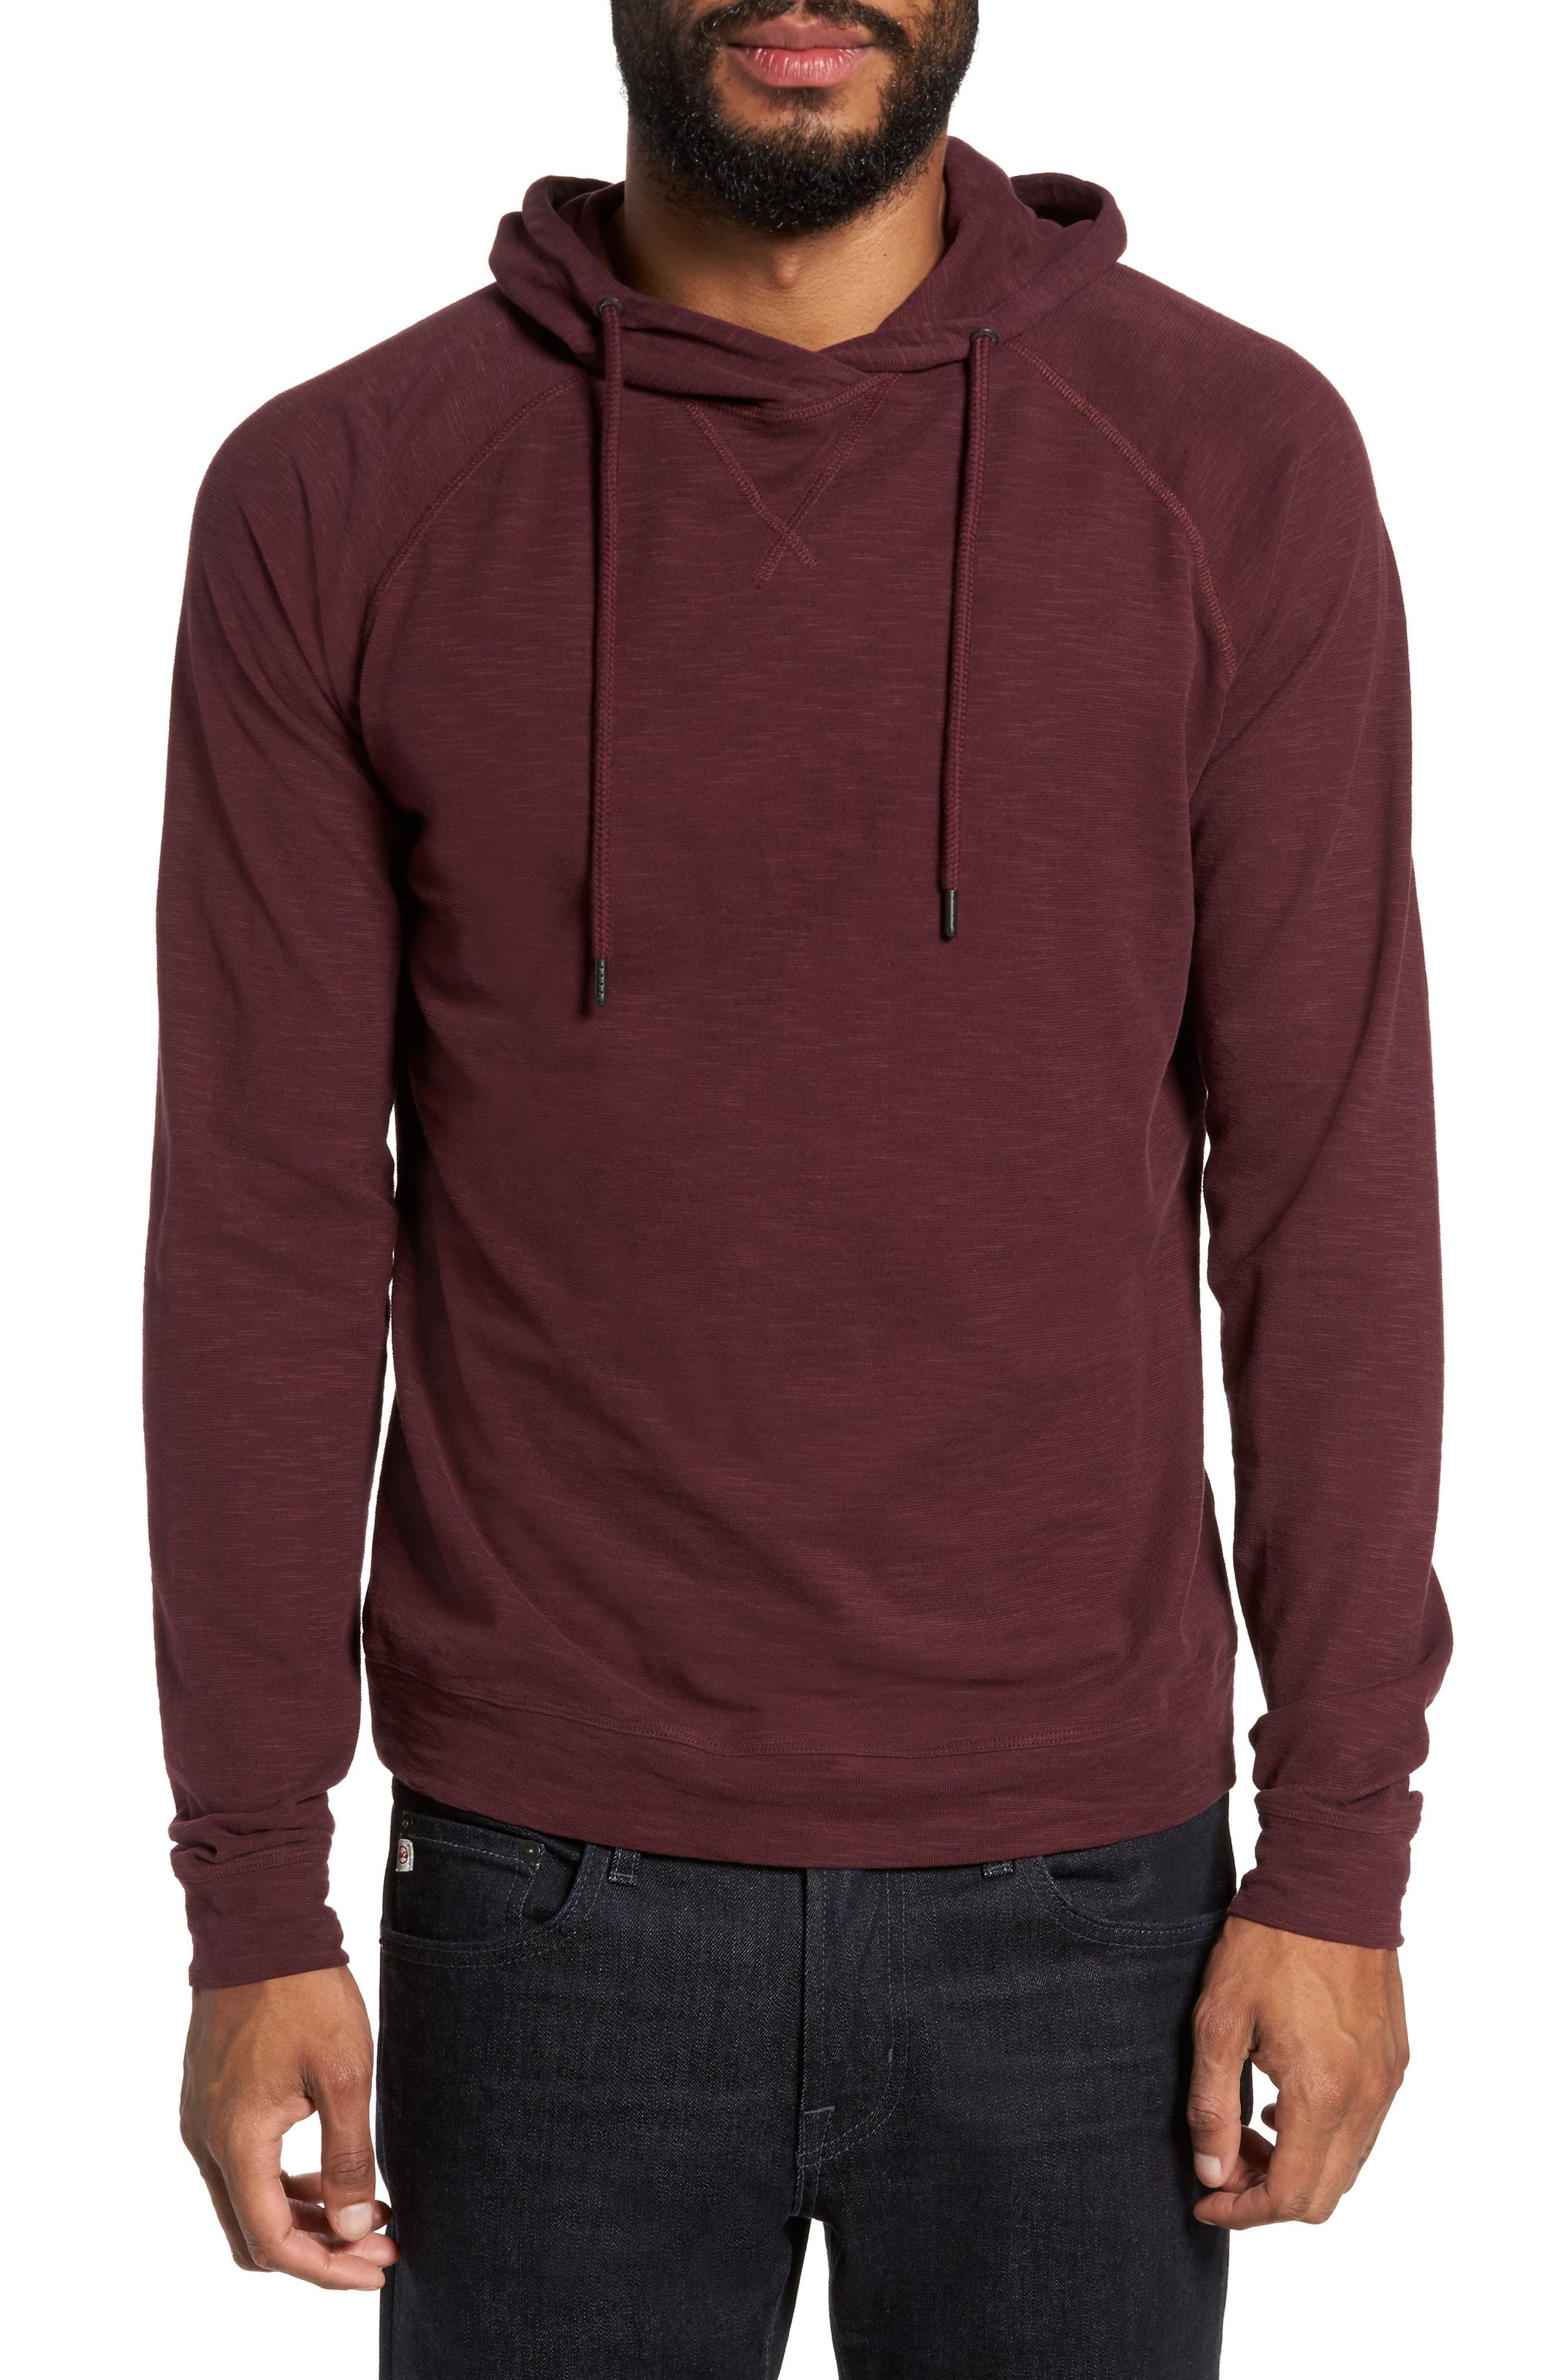 Good Man Brand Slim Fit Pullover Hoodie